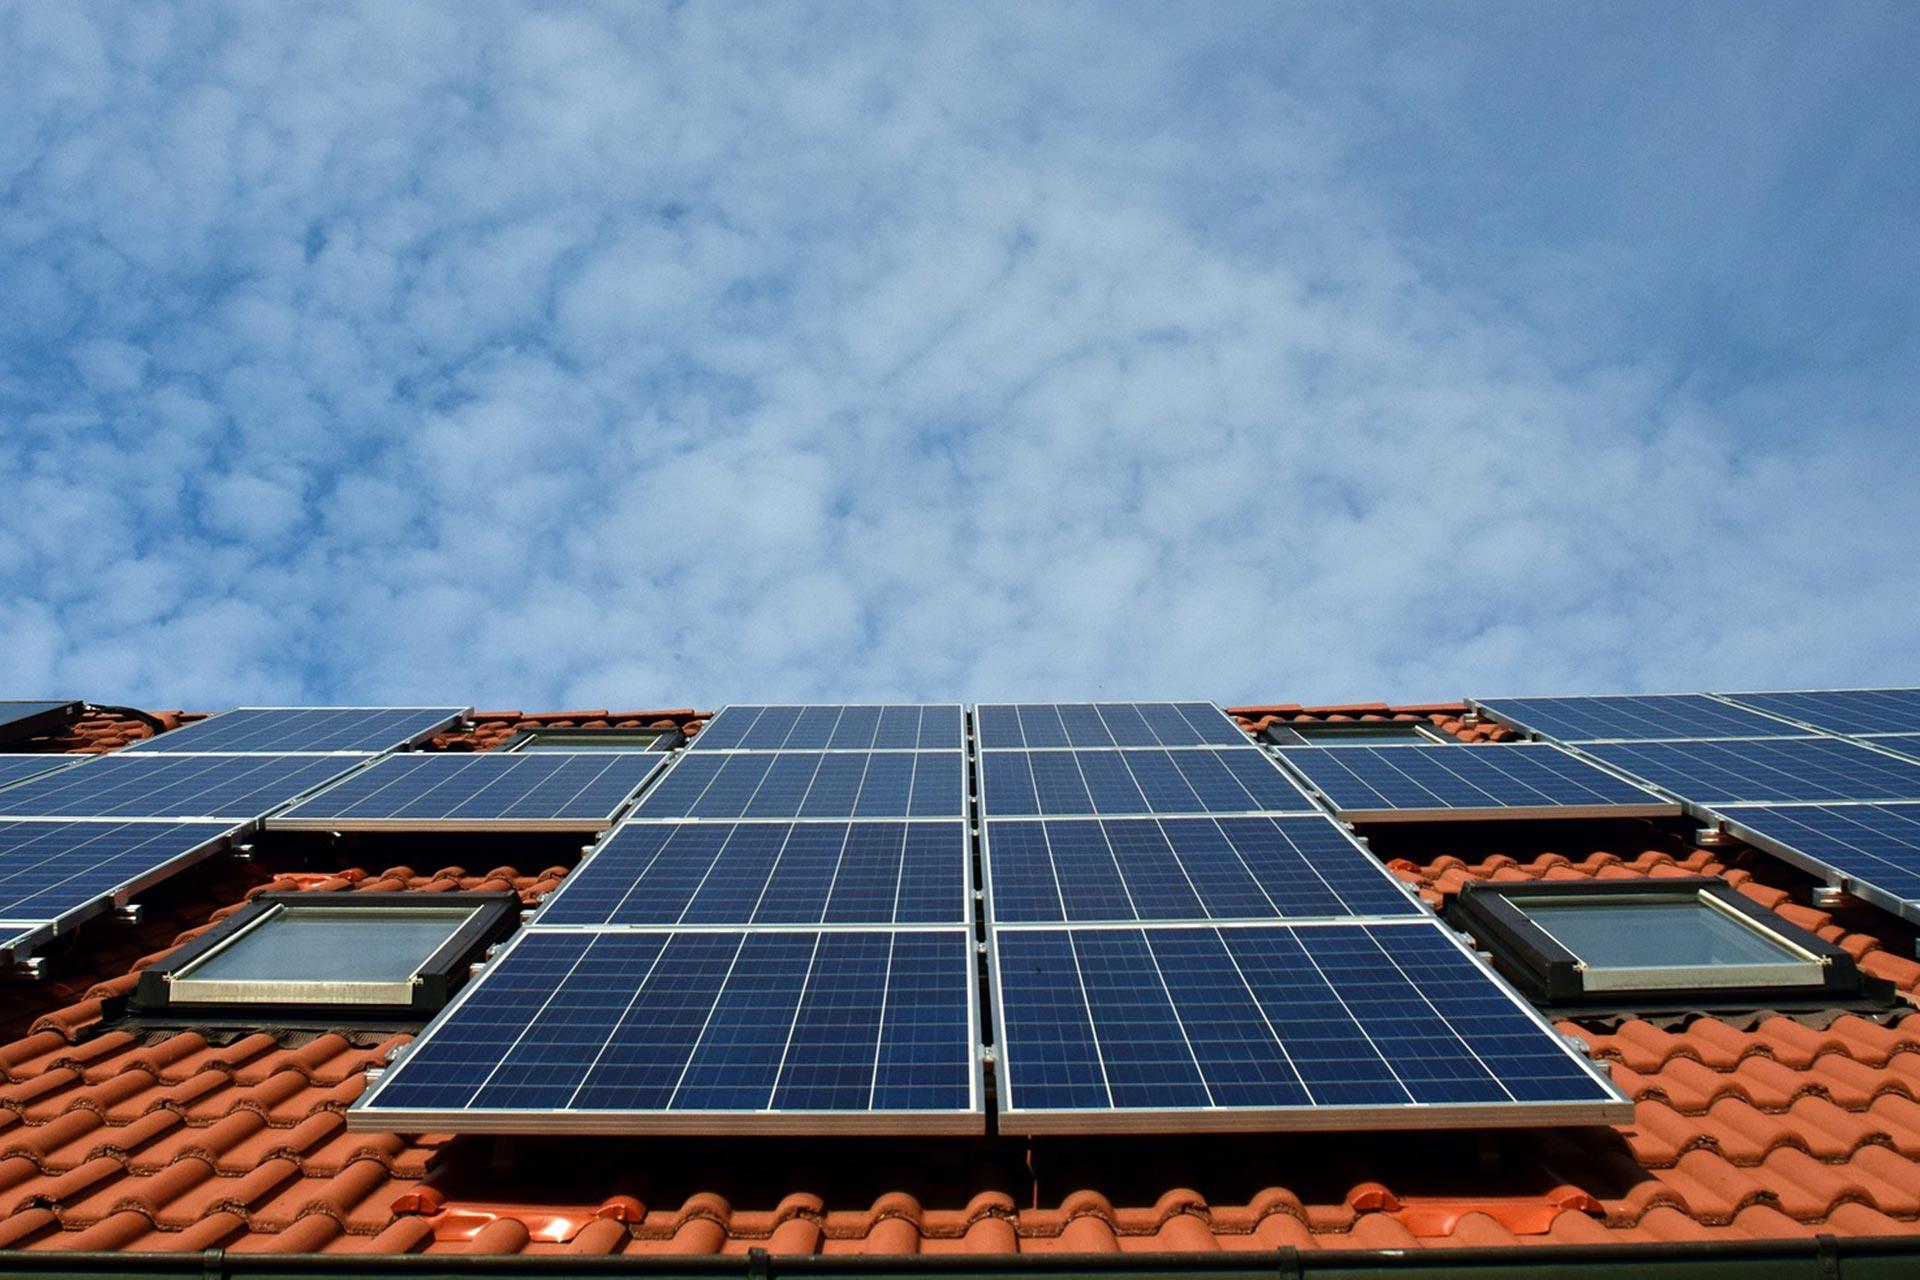 Totaalrenovatie: onderhoud zonnepanelen